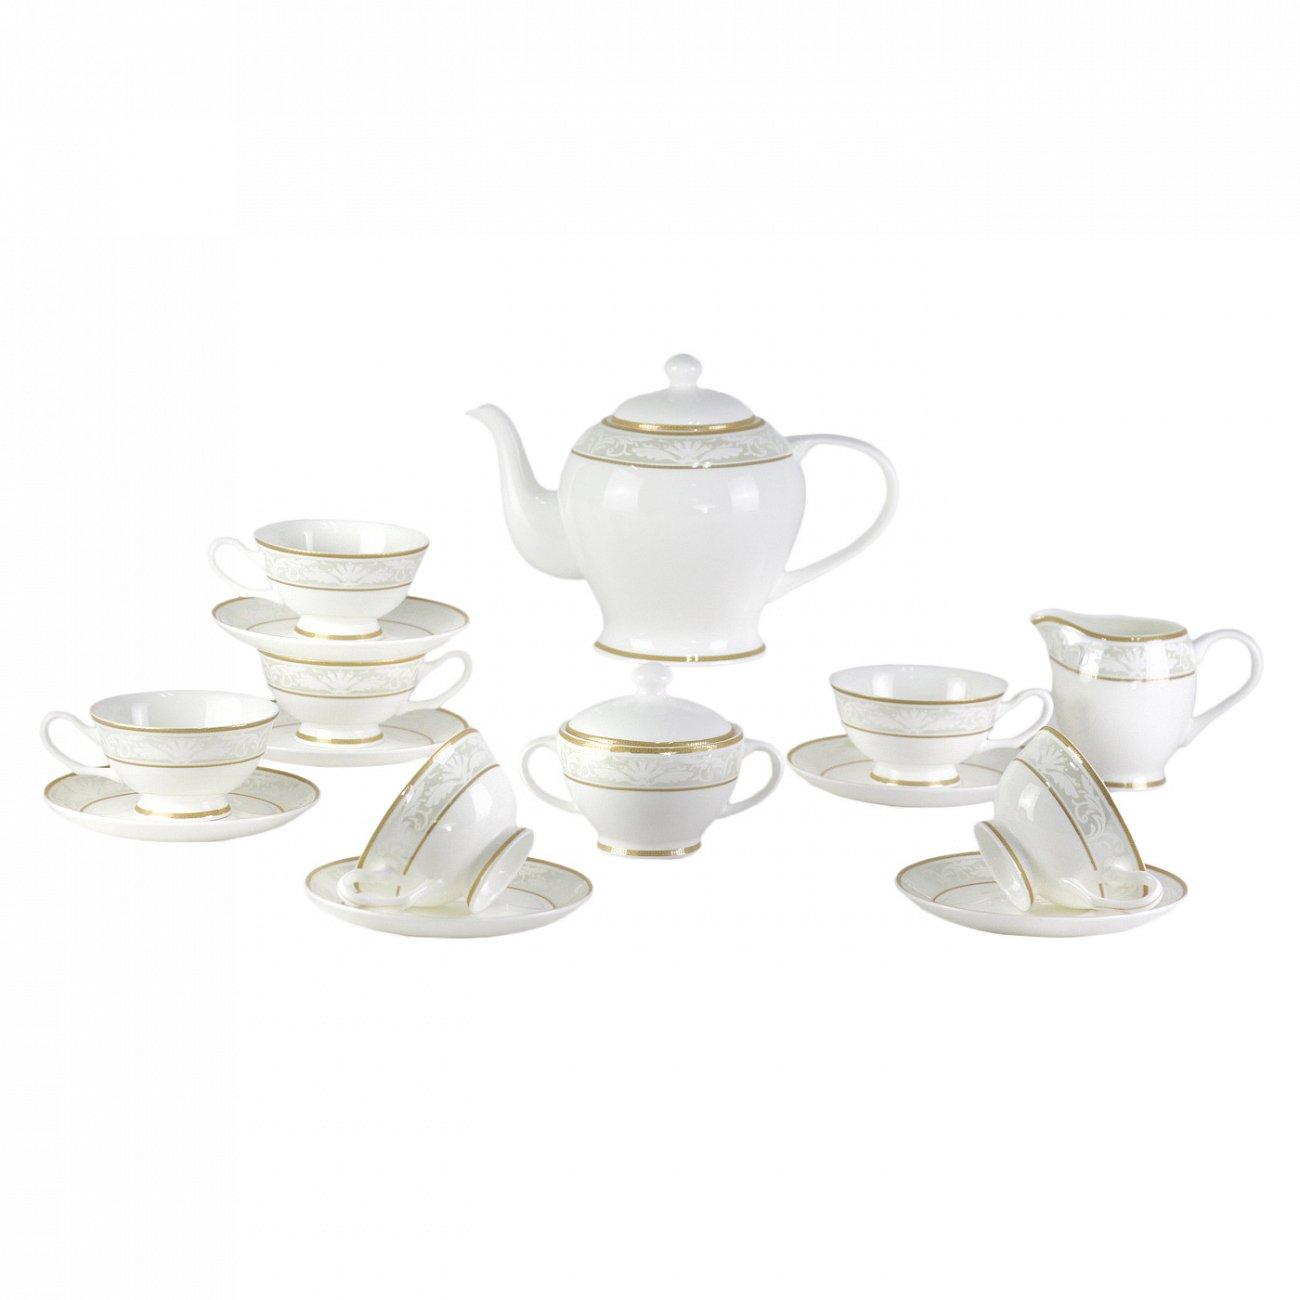 Купить Чайный сервиз Marbella 17 Pcs  tea Set в интернет магазине дизайнерской мебели и аксессуаров для дома и дачи